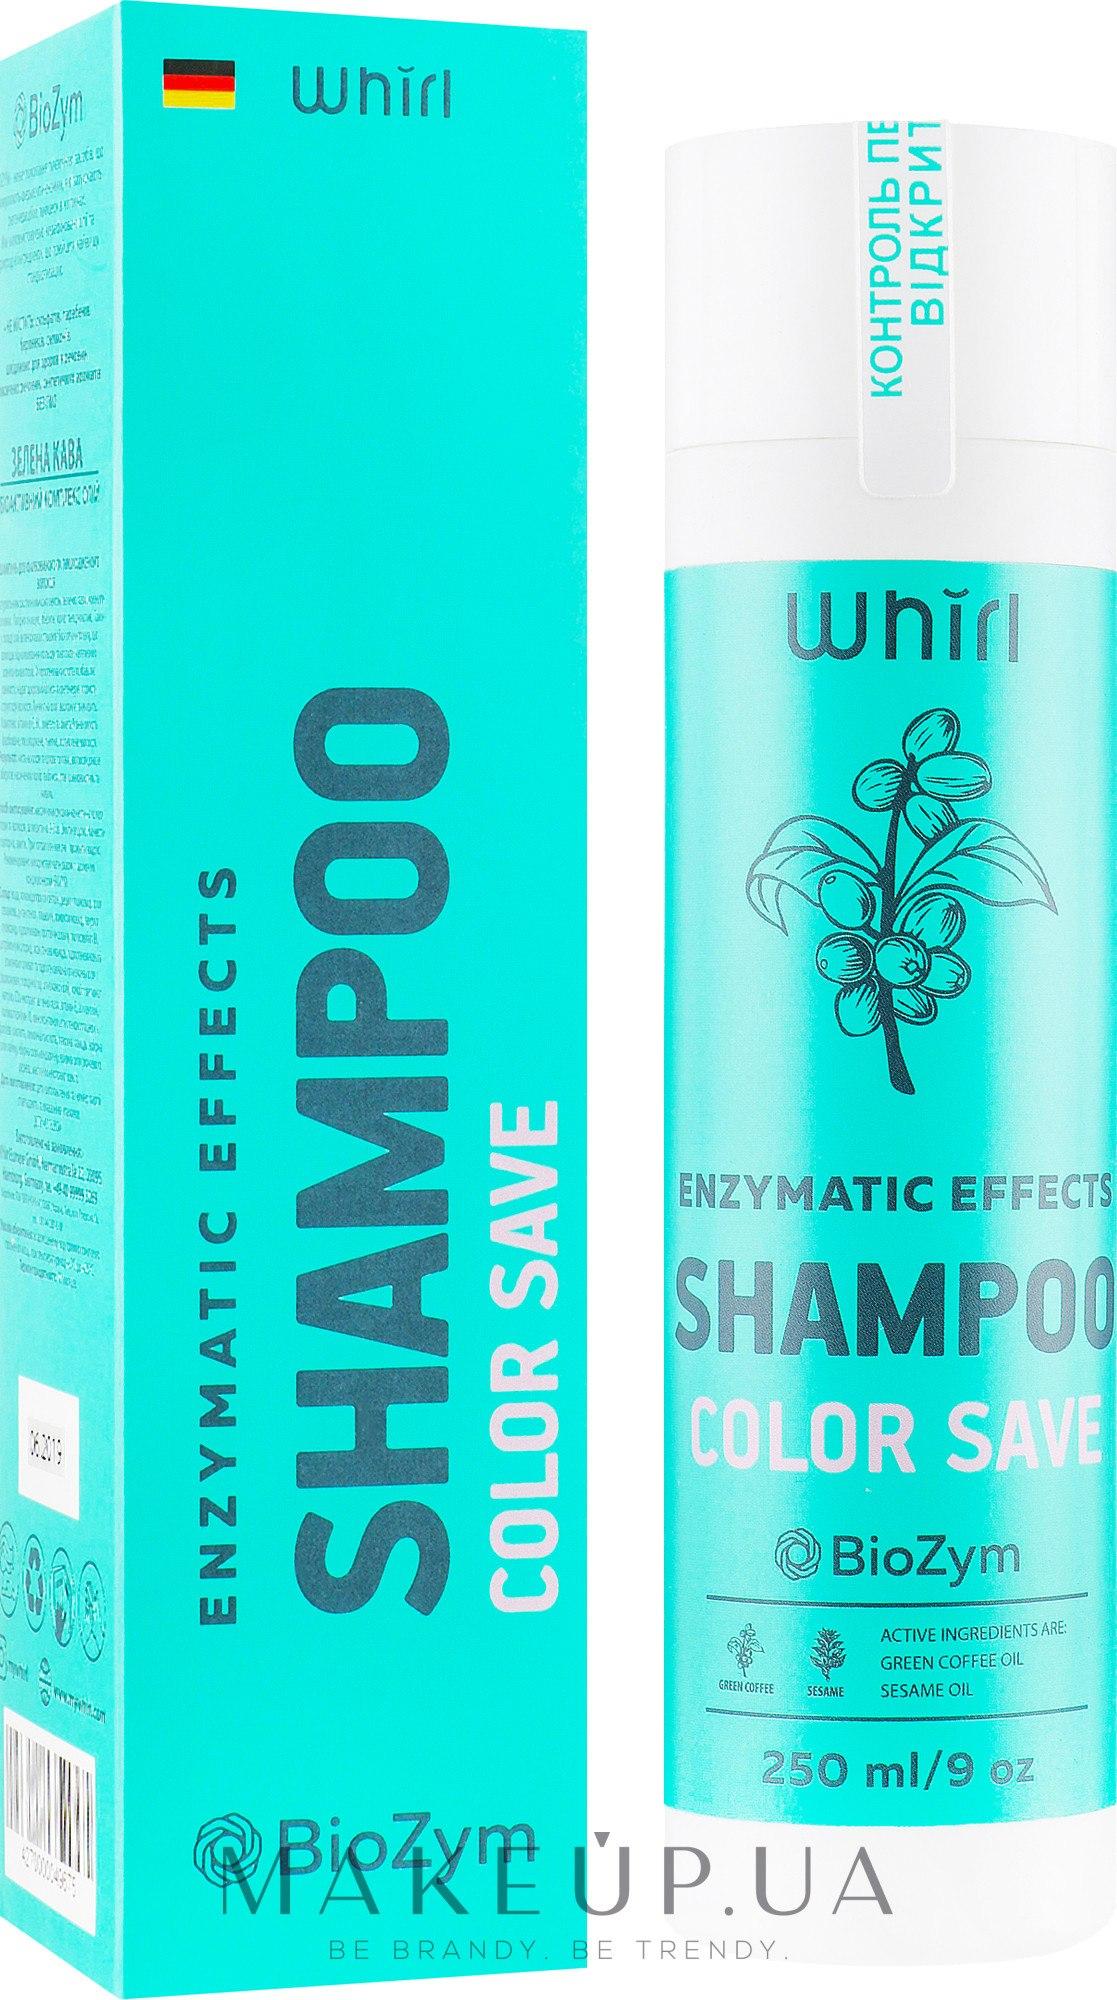 Шампунь для окрашеных и поврежденных волос - Whirl Enzymatic Effects Shampoo Color Save — фото 250ml